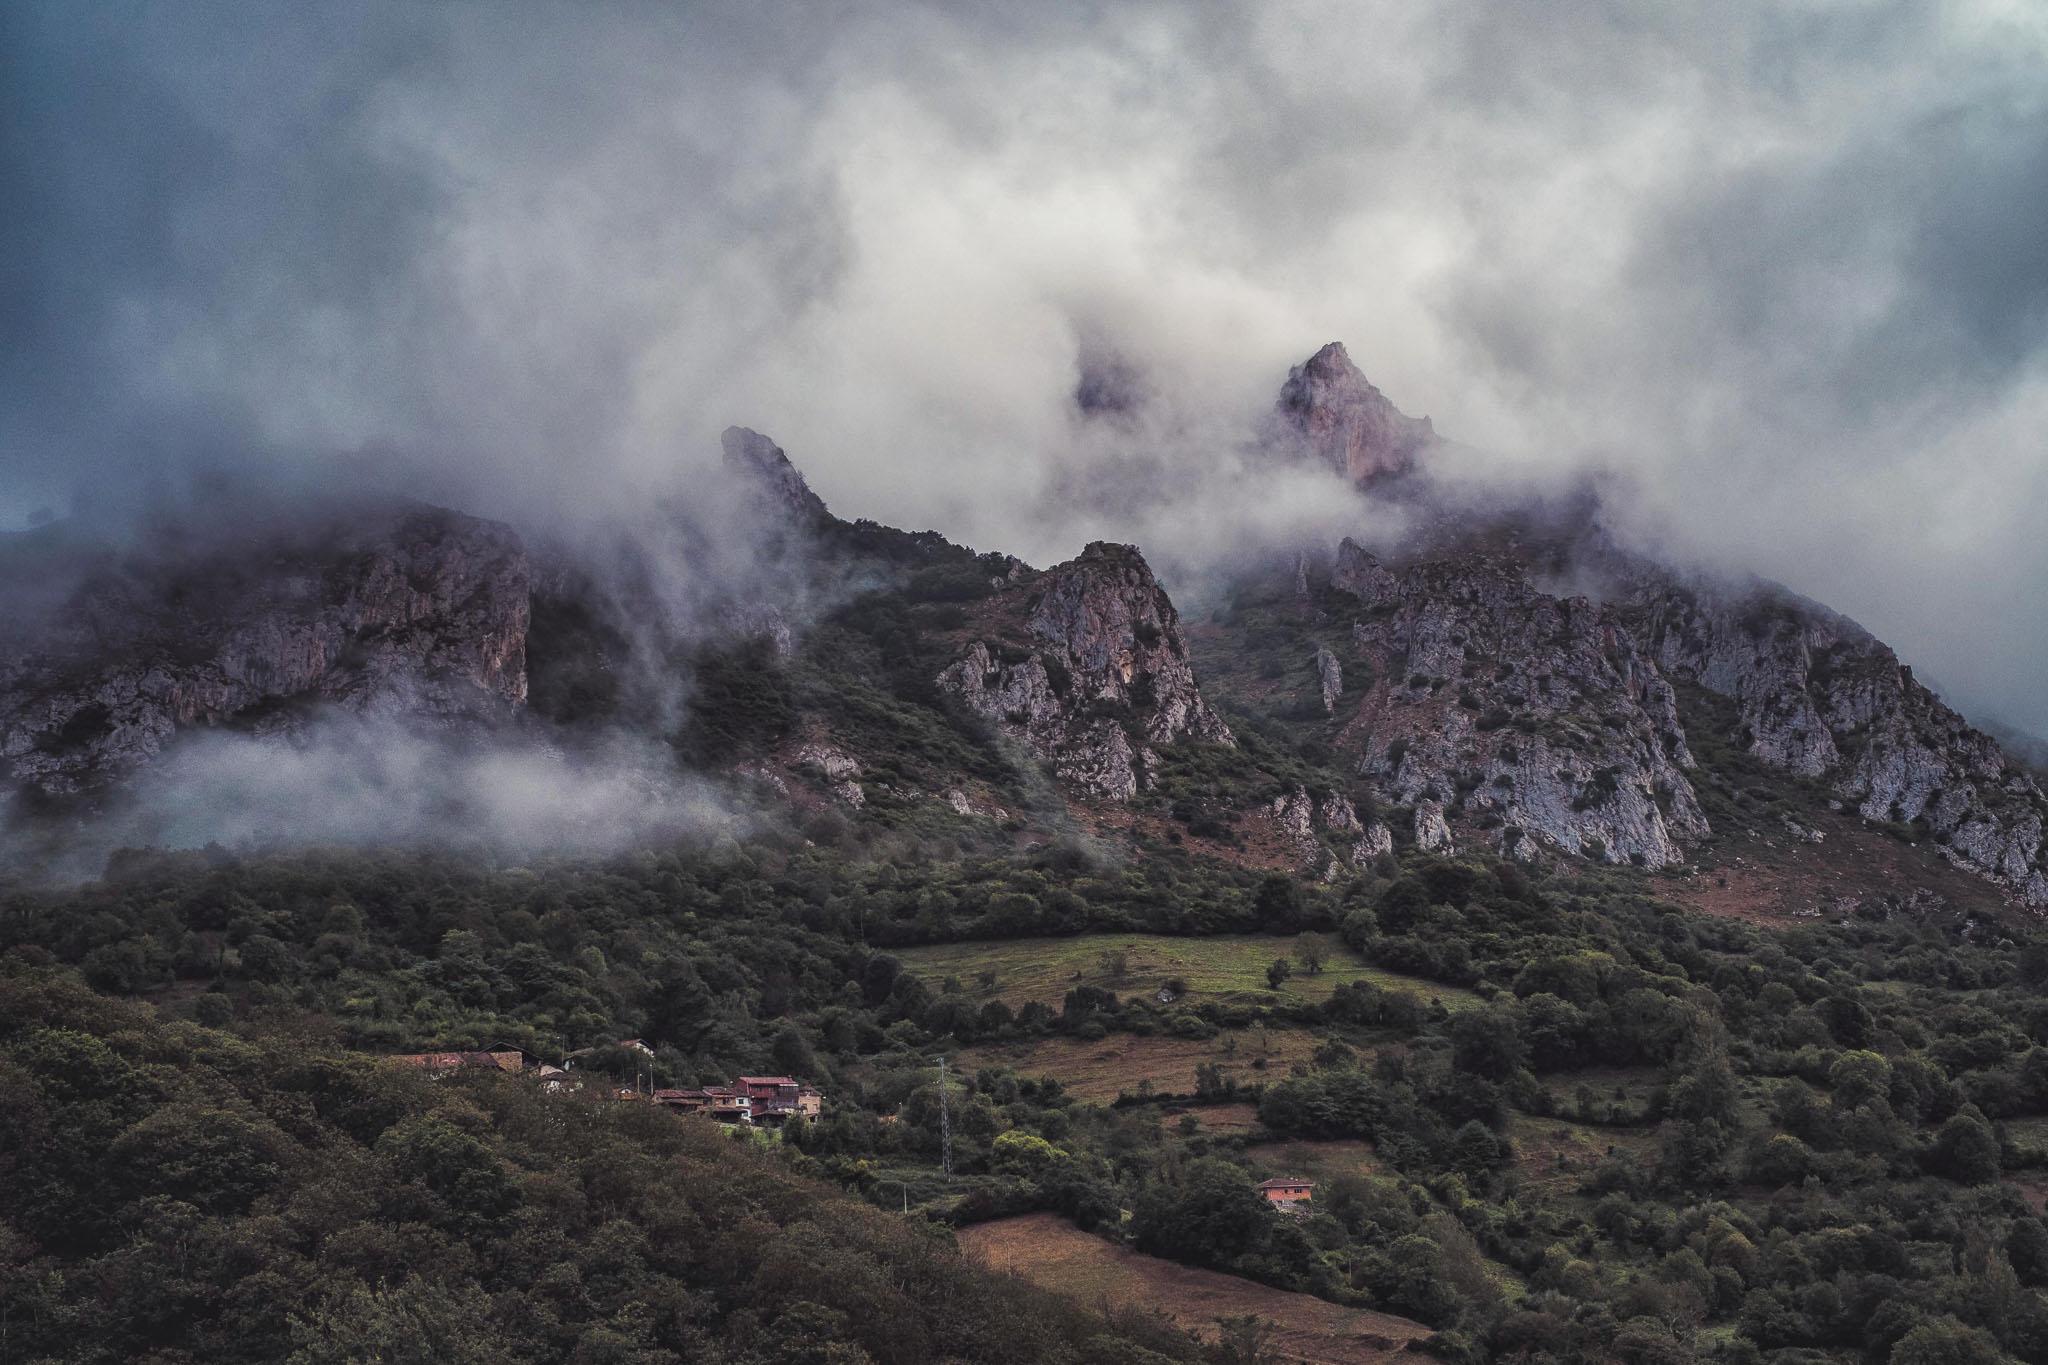 Quiros, Las Ubinas National Park